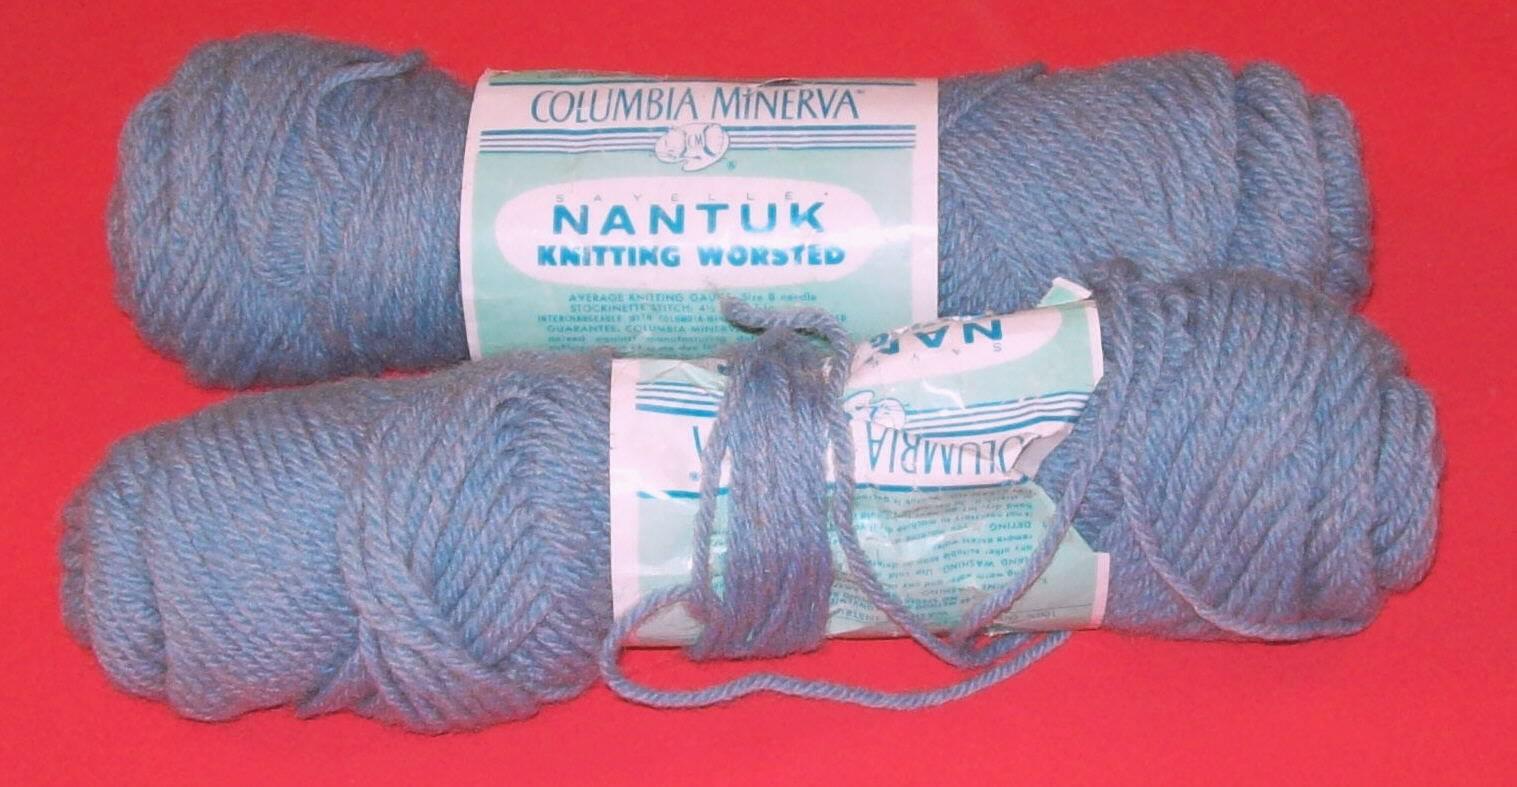 Columbia minerva yarn